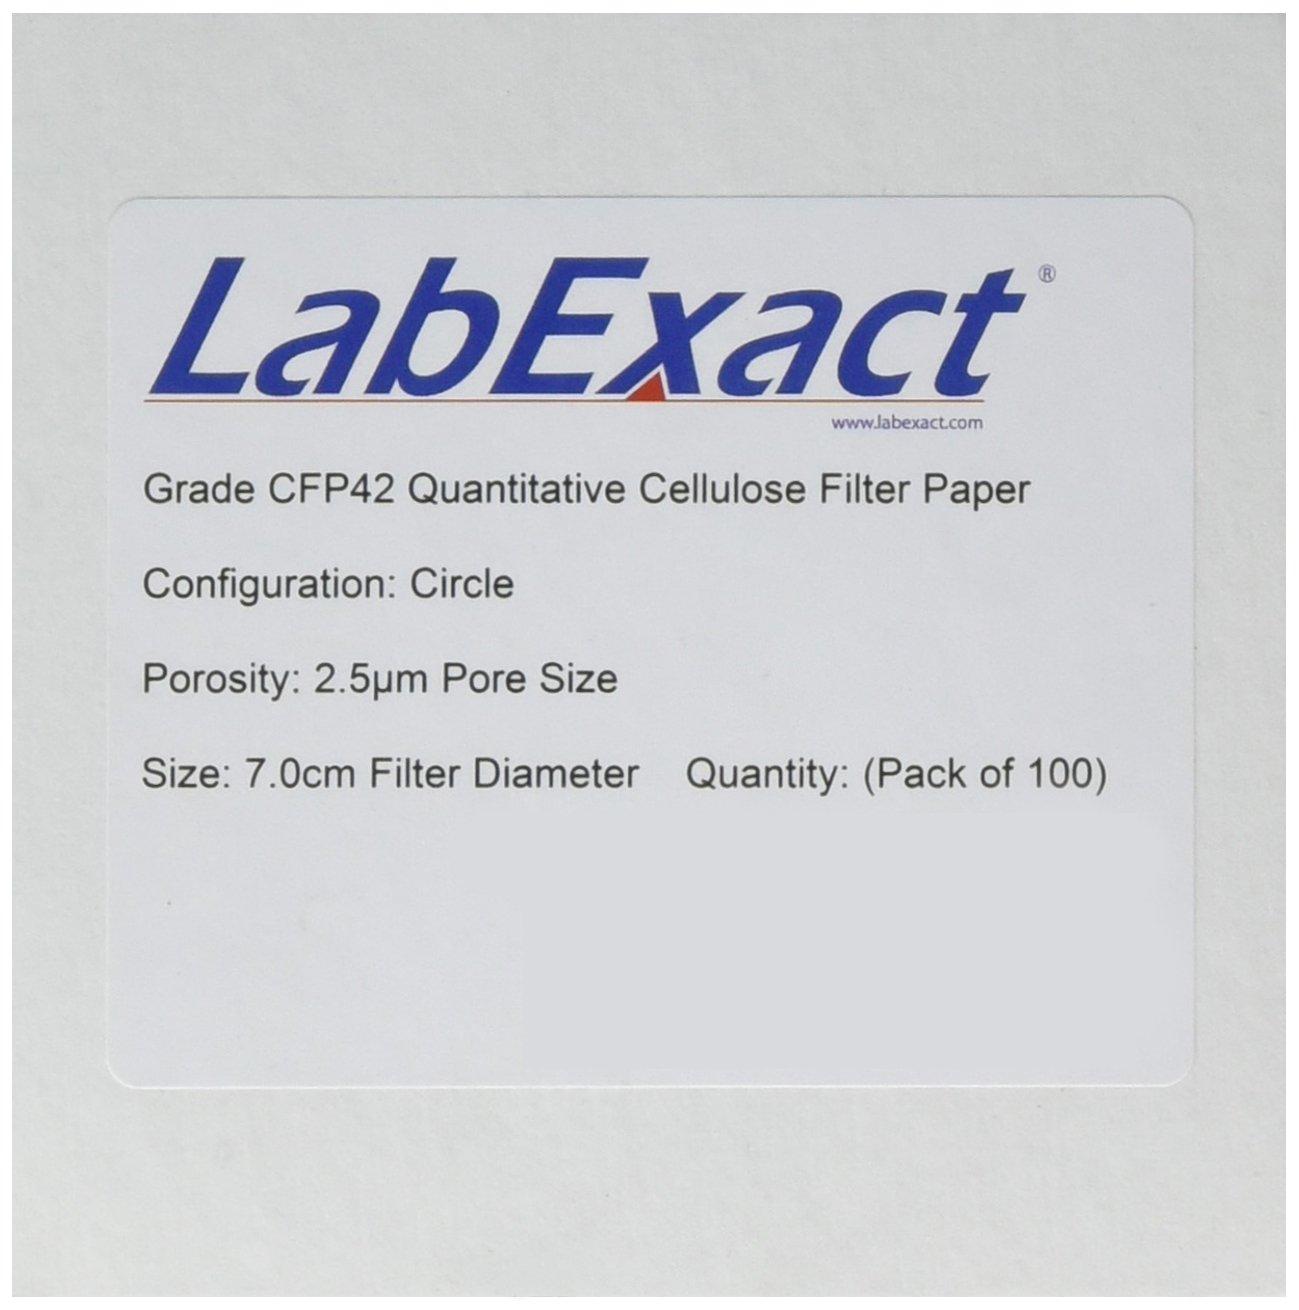 LabExact 1200081 Grade CFP42 Filter Quantitative Paper Albuquerque Mall Cellulose Animer and price revision